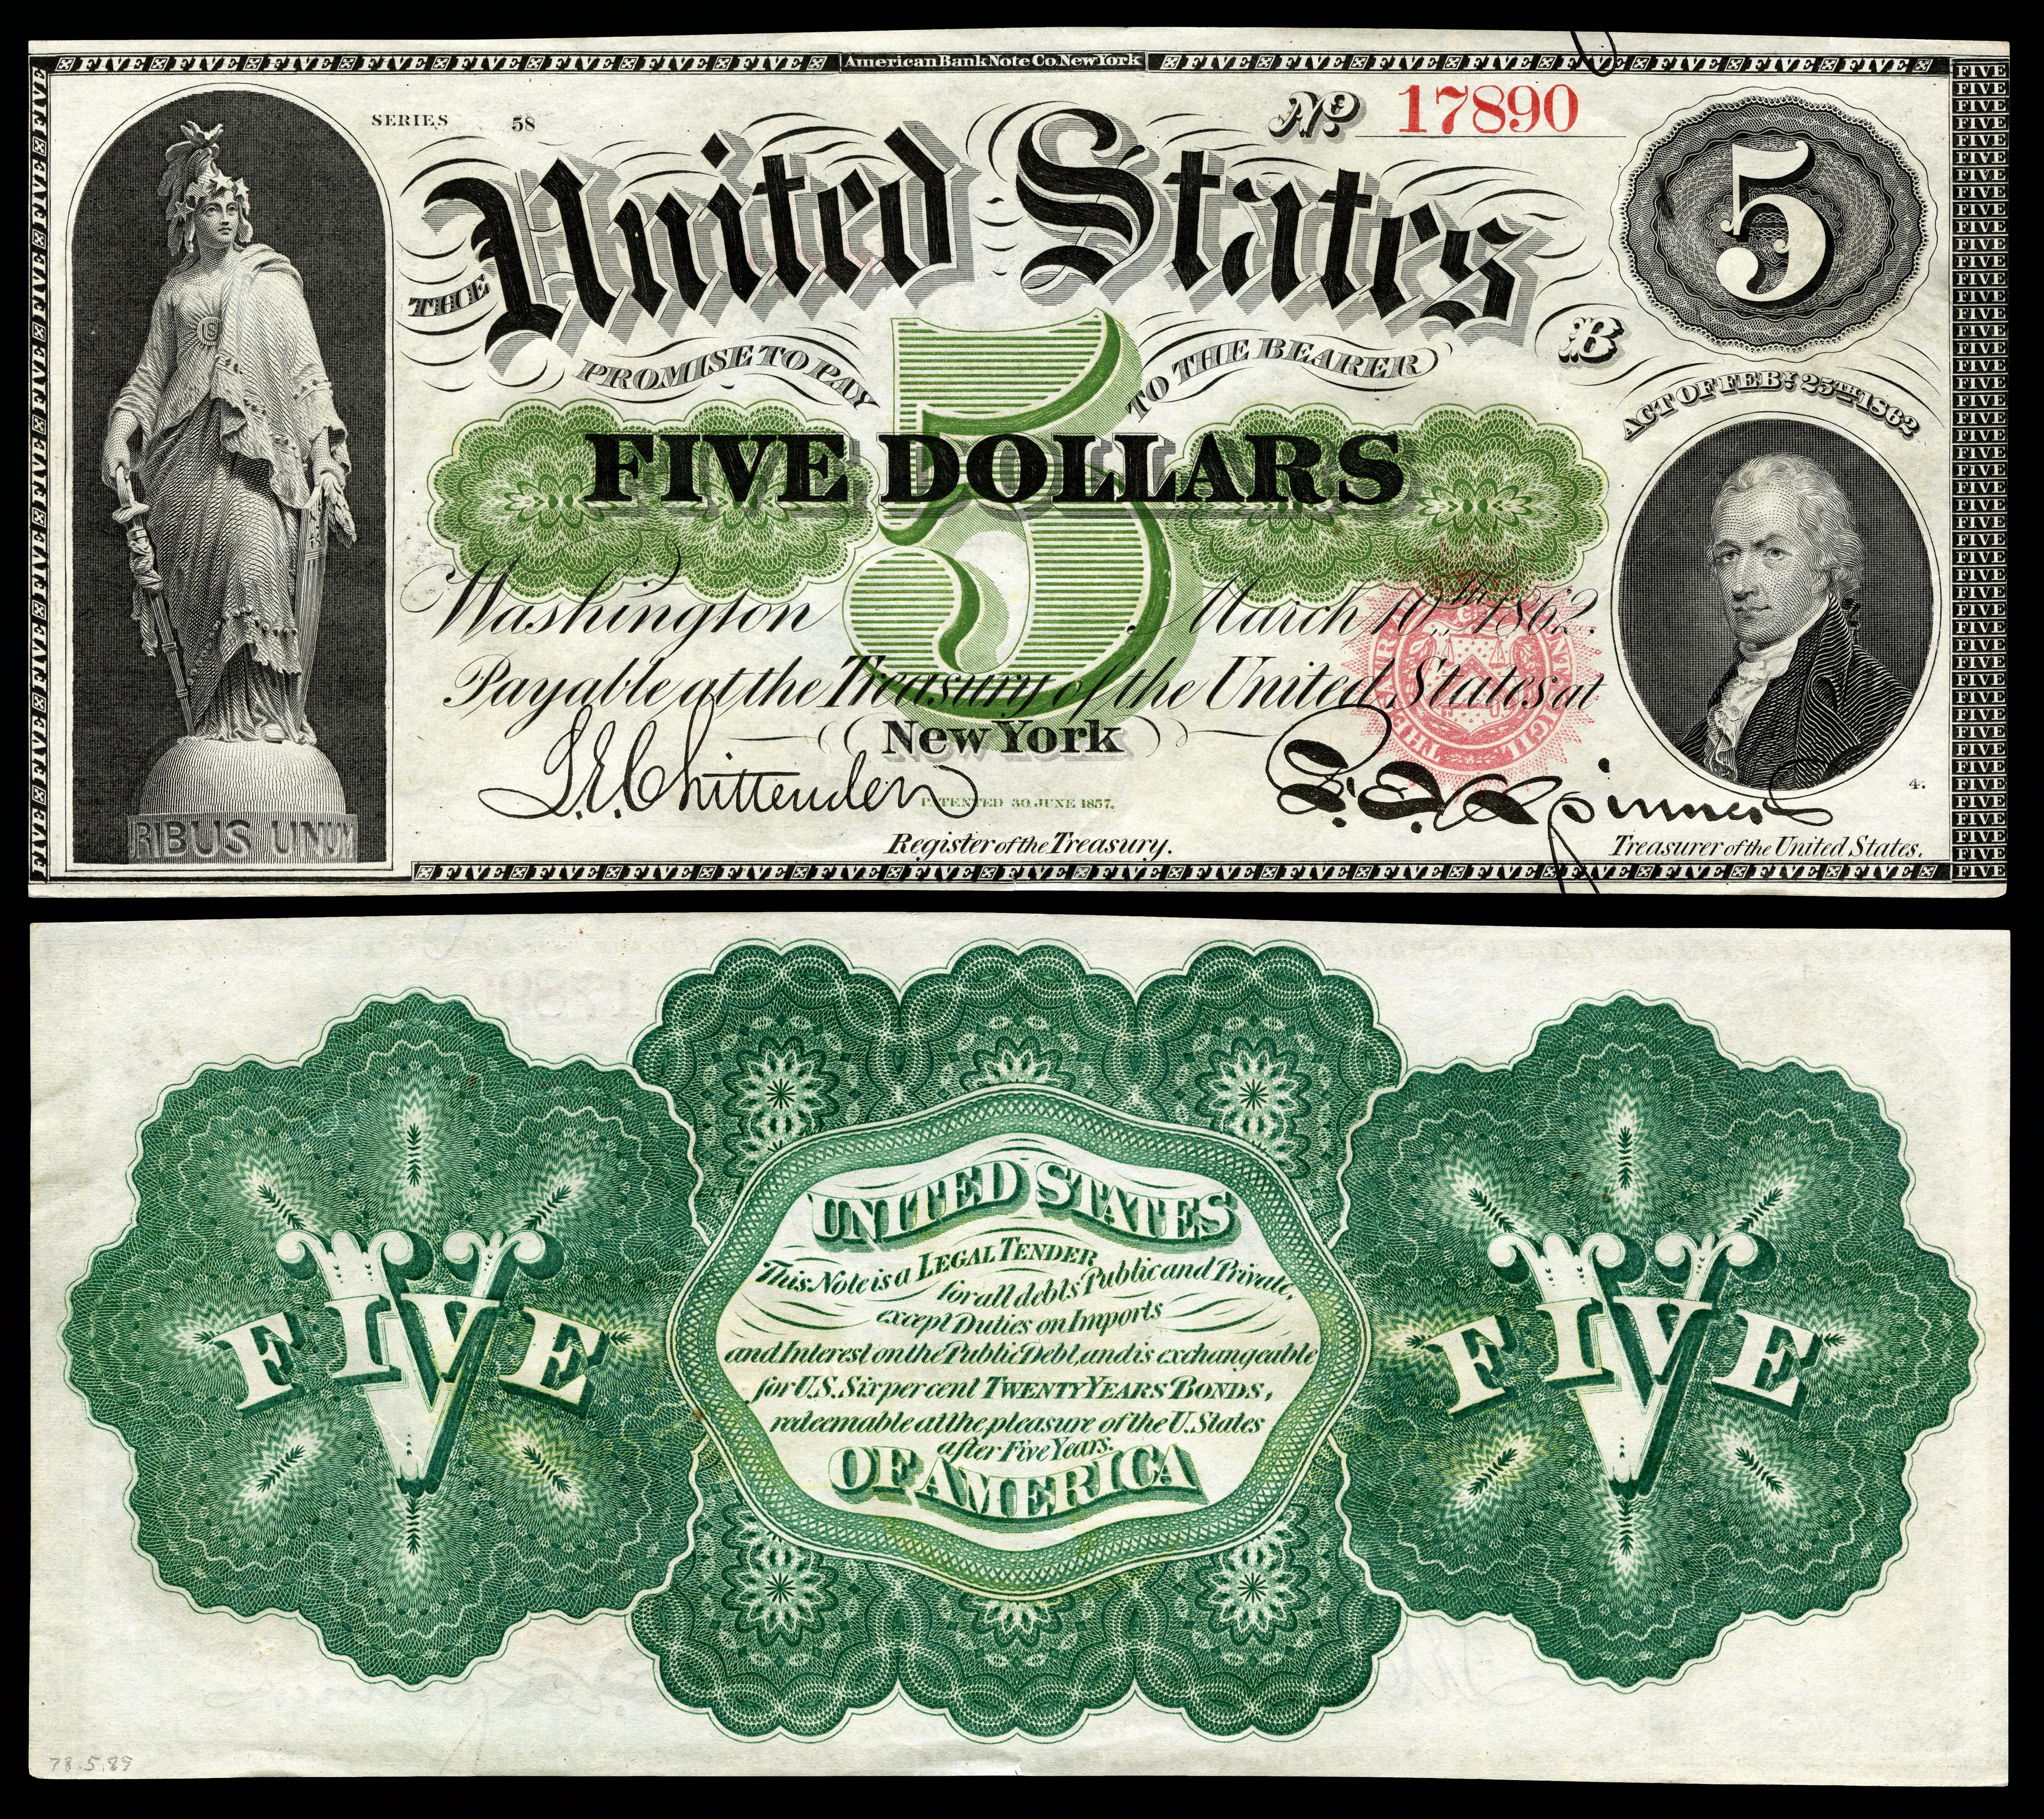 United States Five Dollar Bill Wikipedia